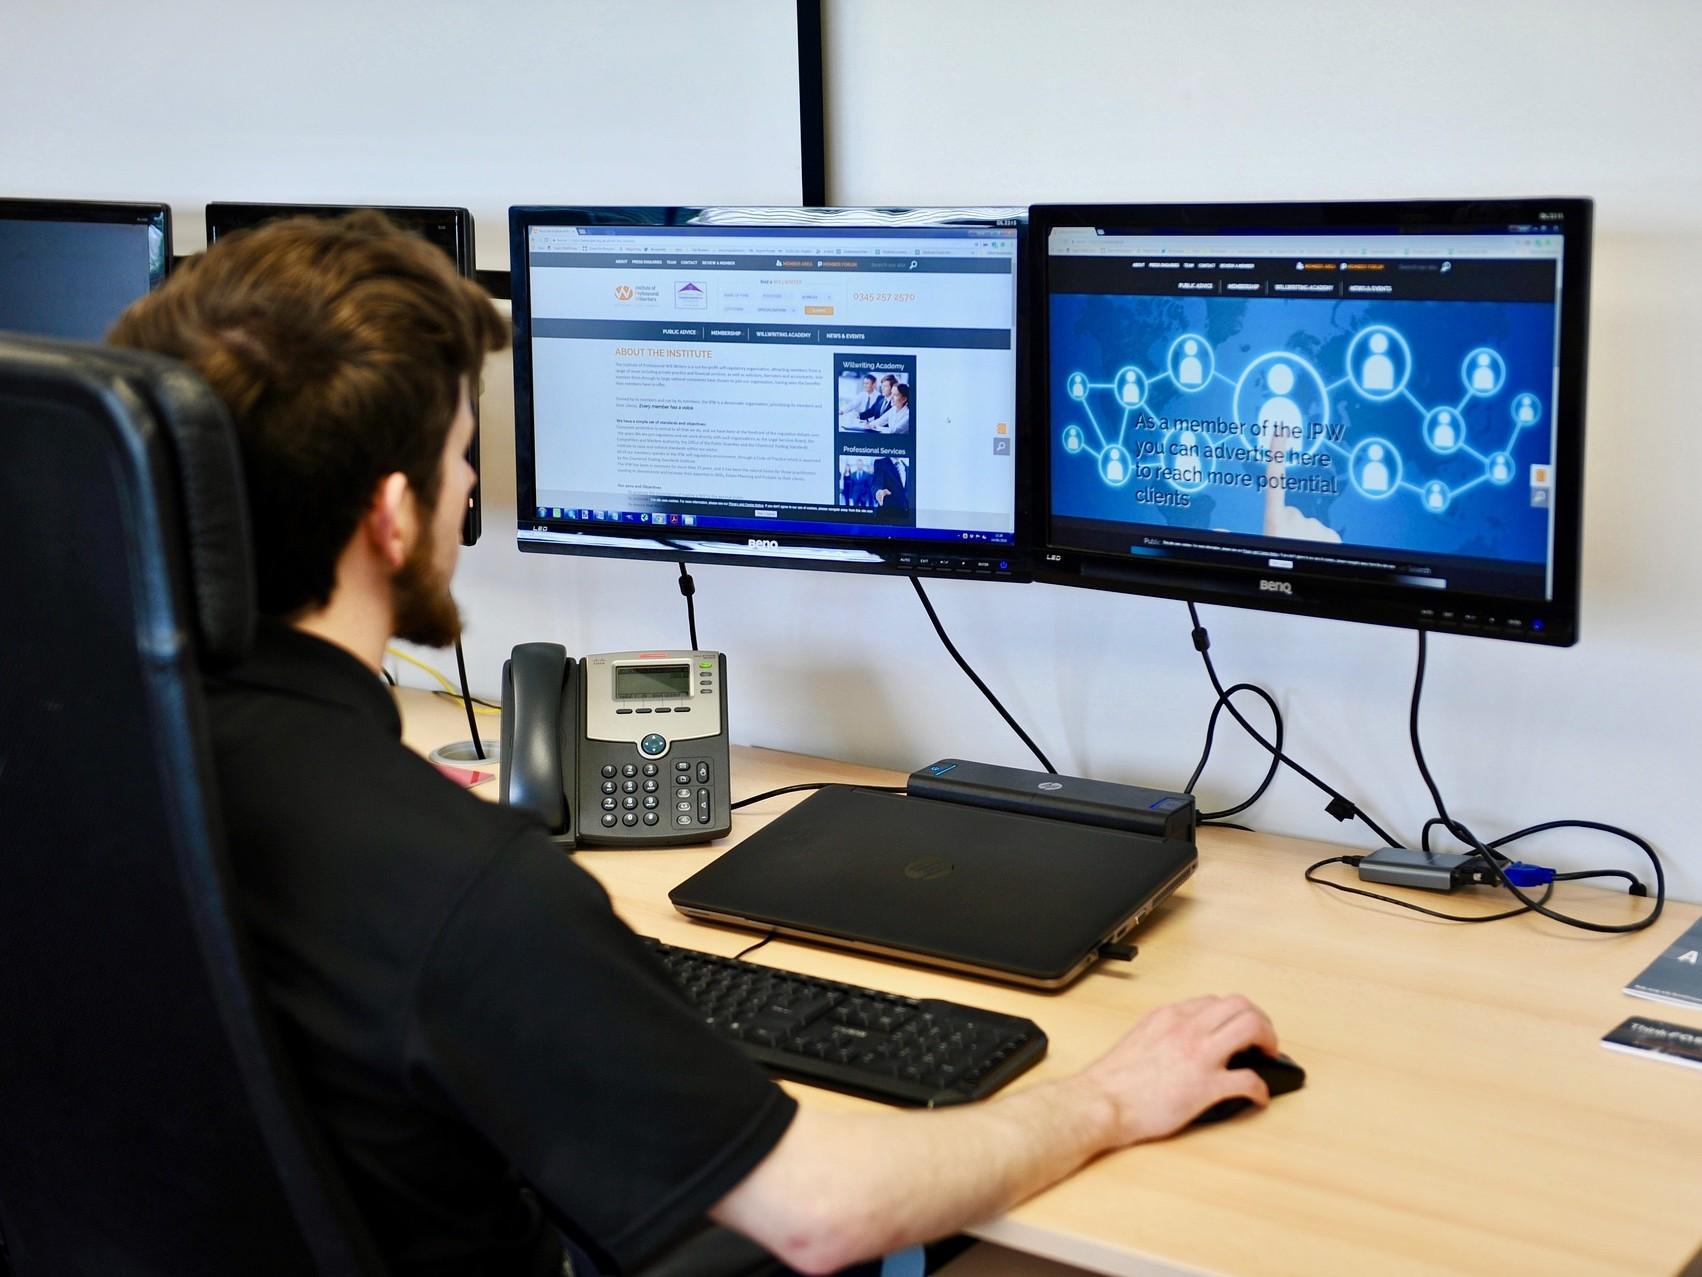 Mann sitzt am Schreibtisch vor zwei Computermonitoren.